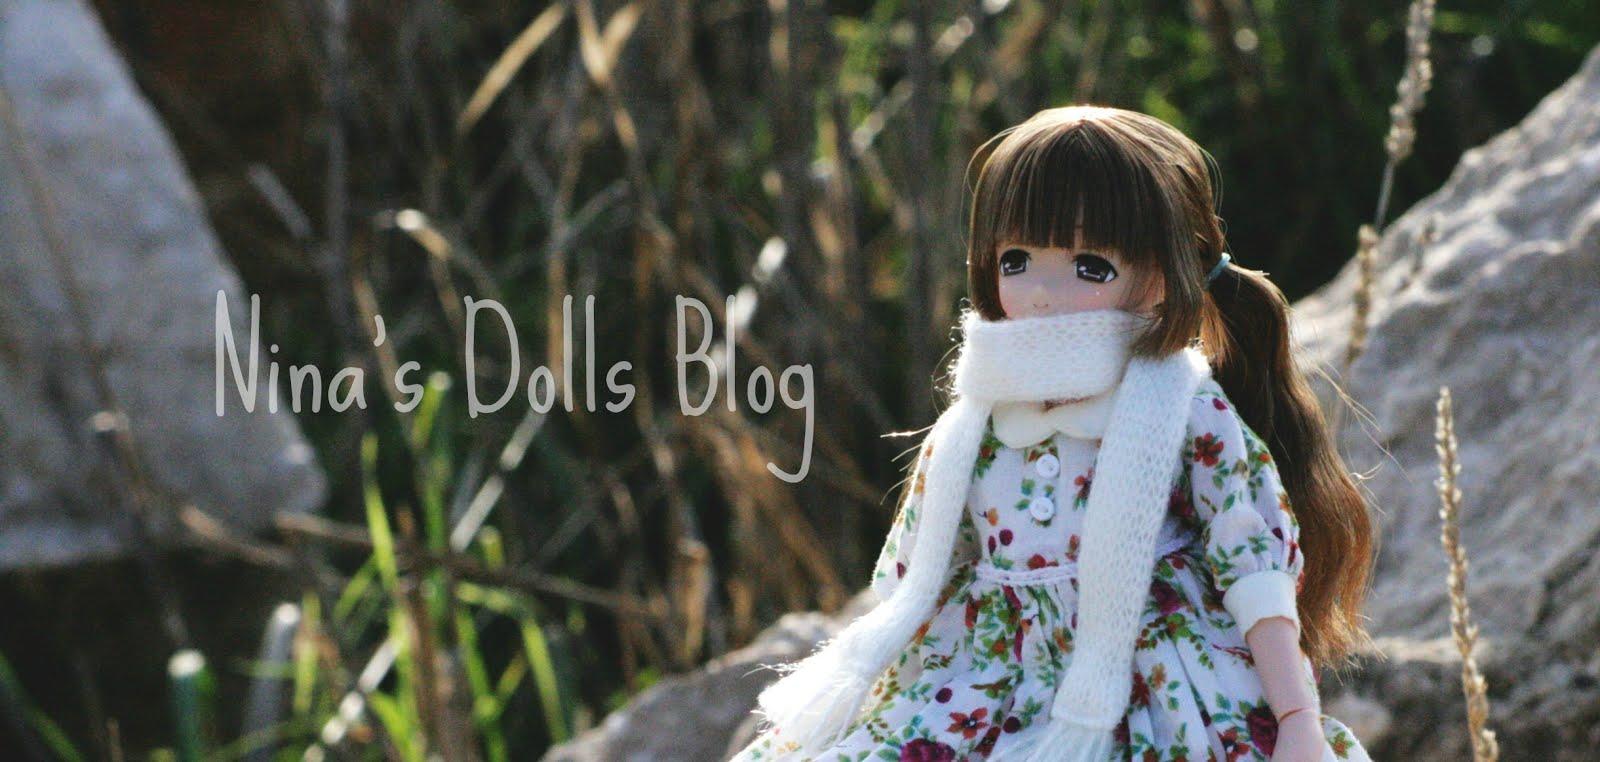 Nina's Dolls